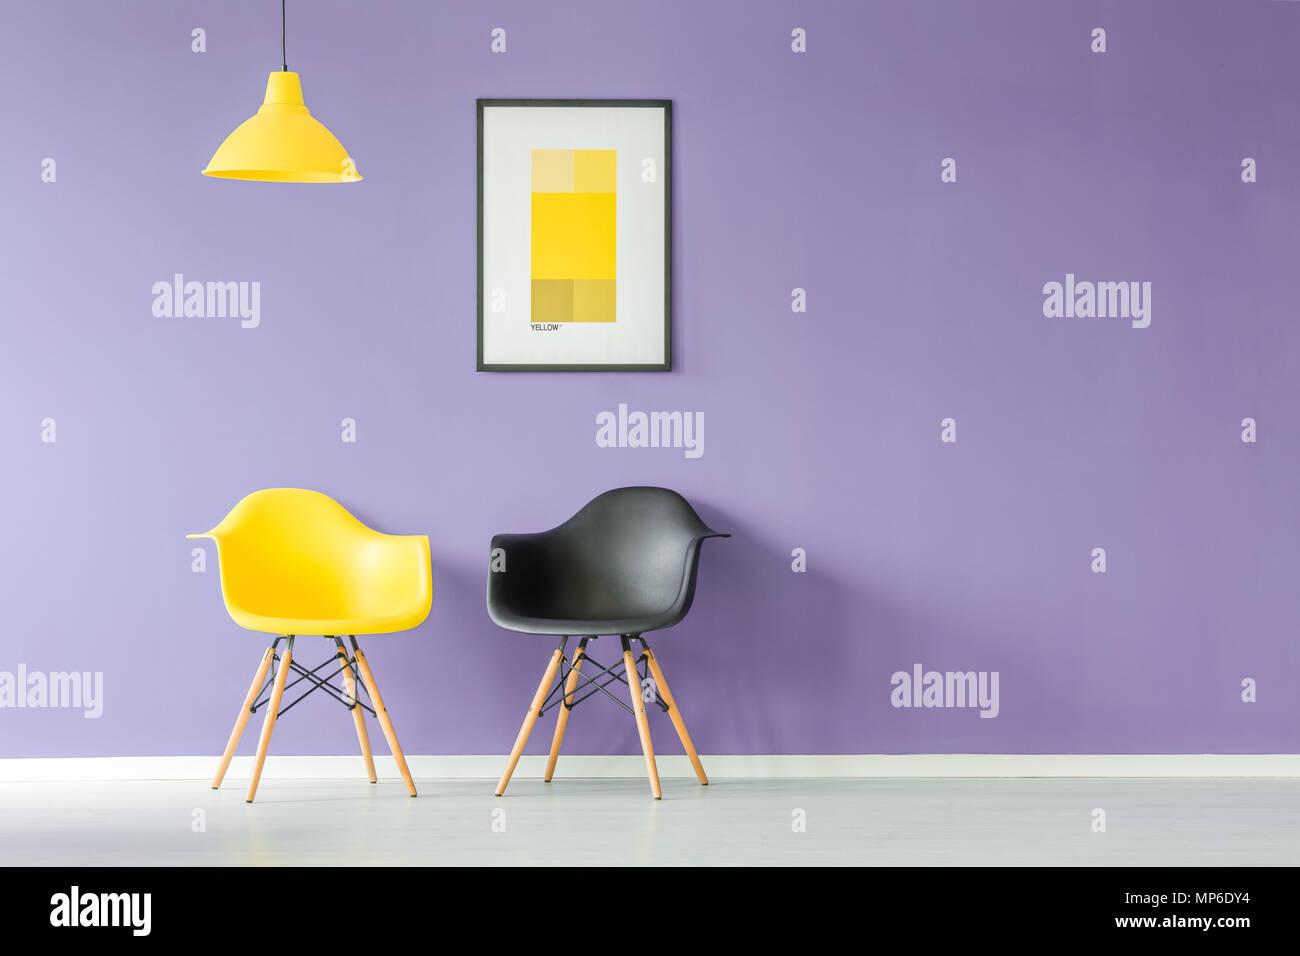 Vista frontal de contraste de color amarillo y negro, sillas y una lámpara amarilla contra la pared de fondo morado con un cartel en una sala mínima entre Imagen De Stock